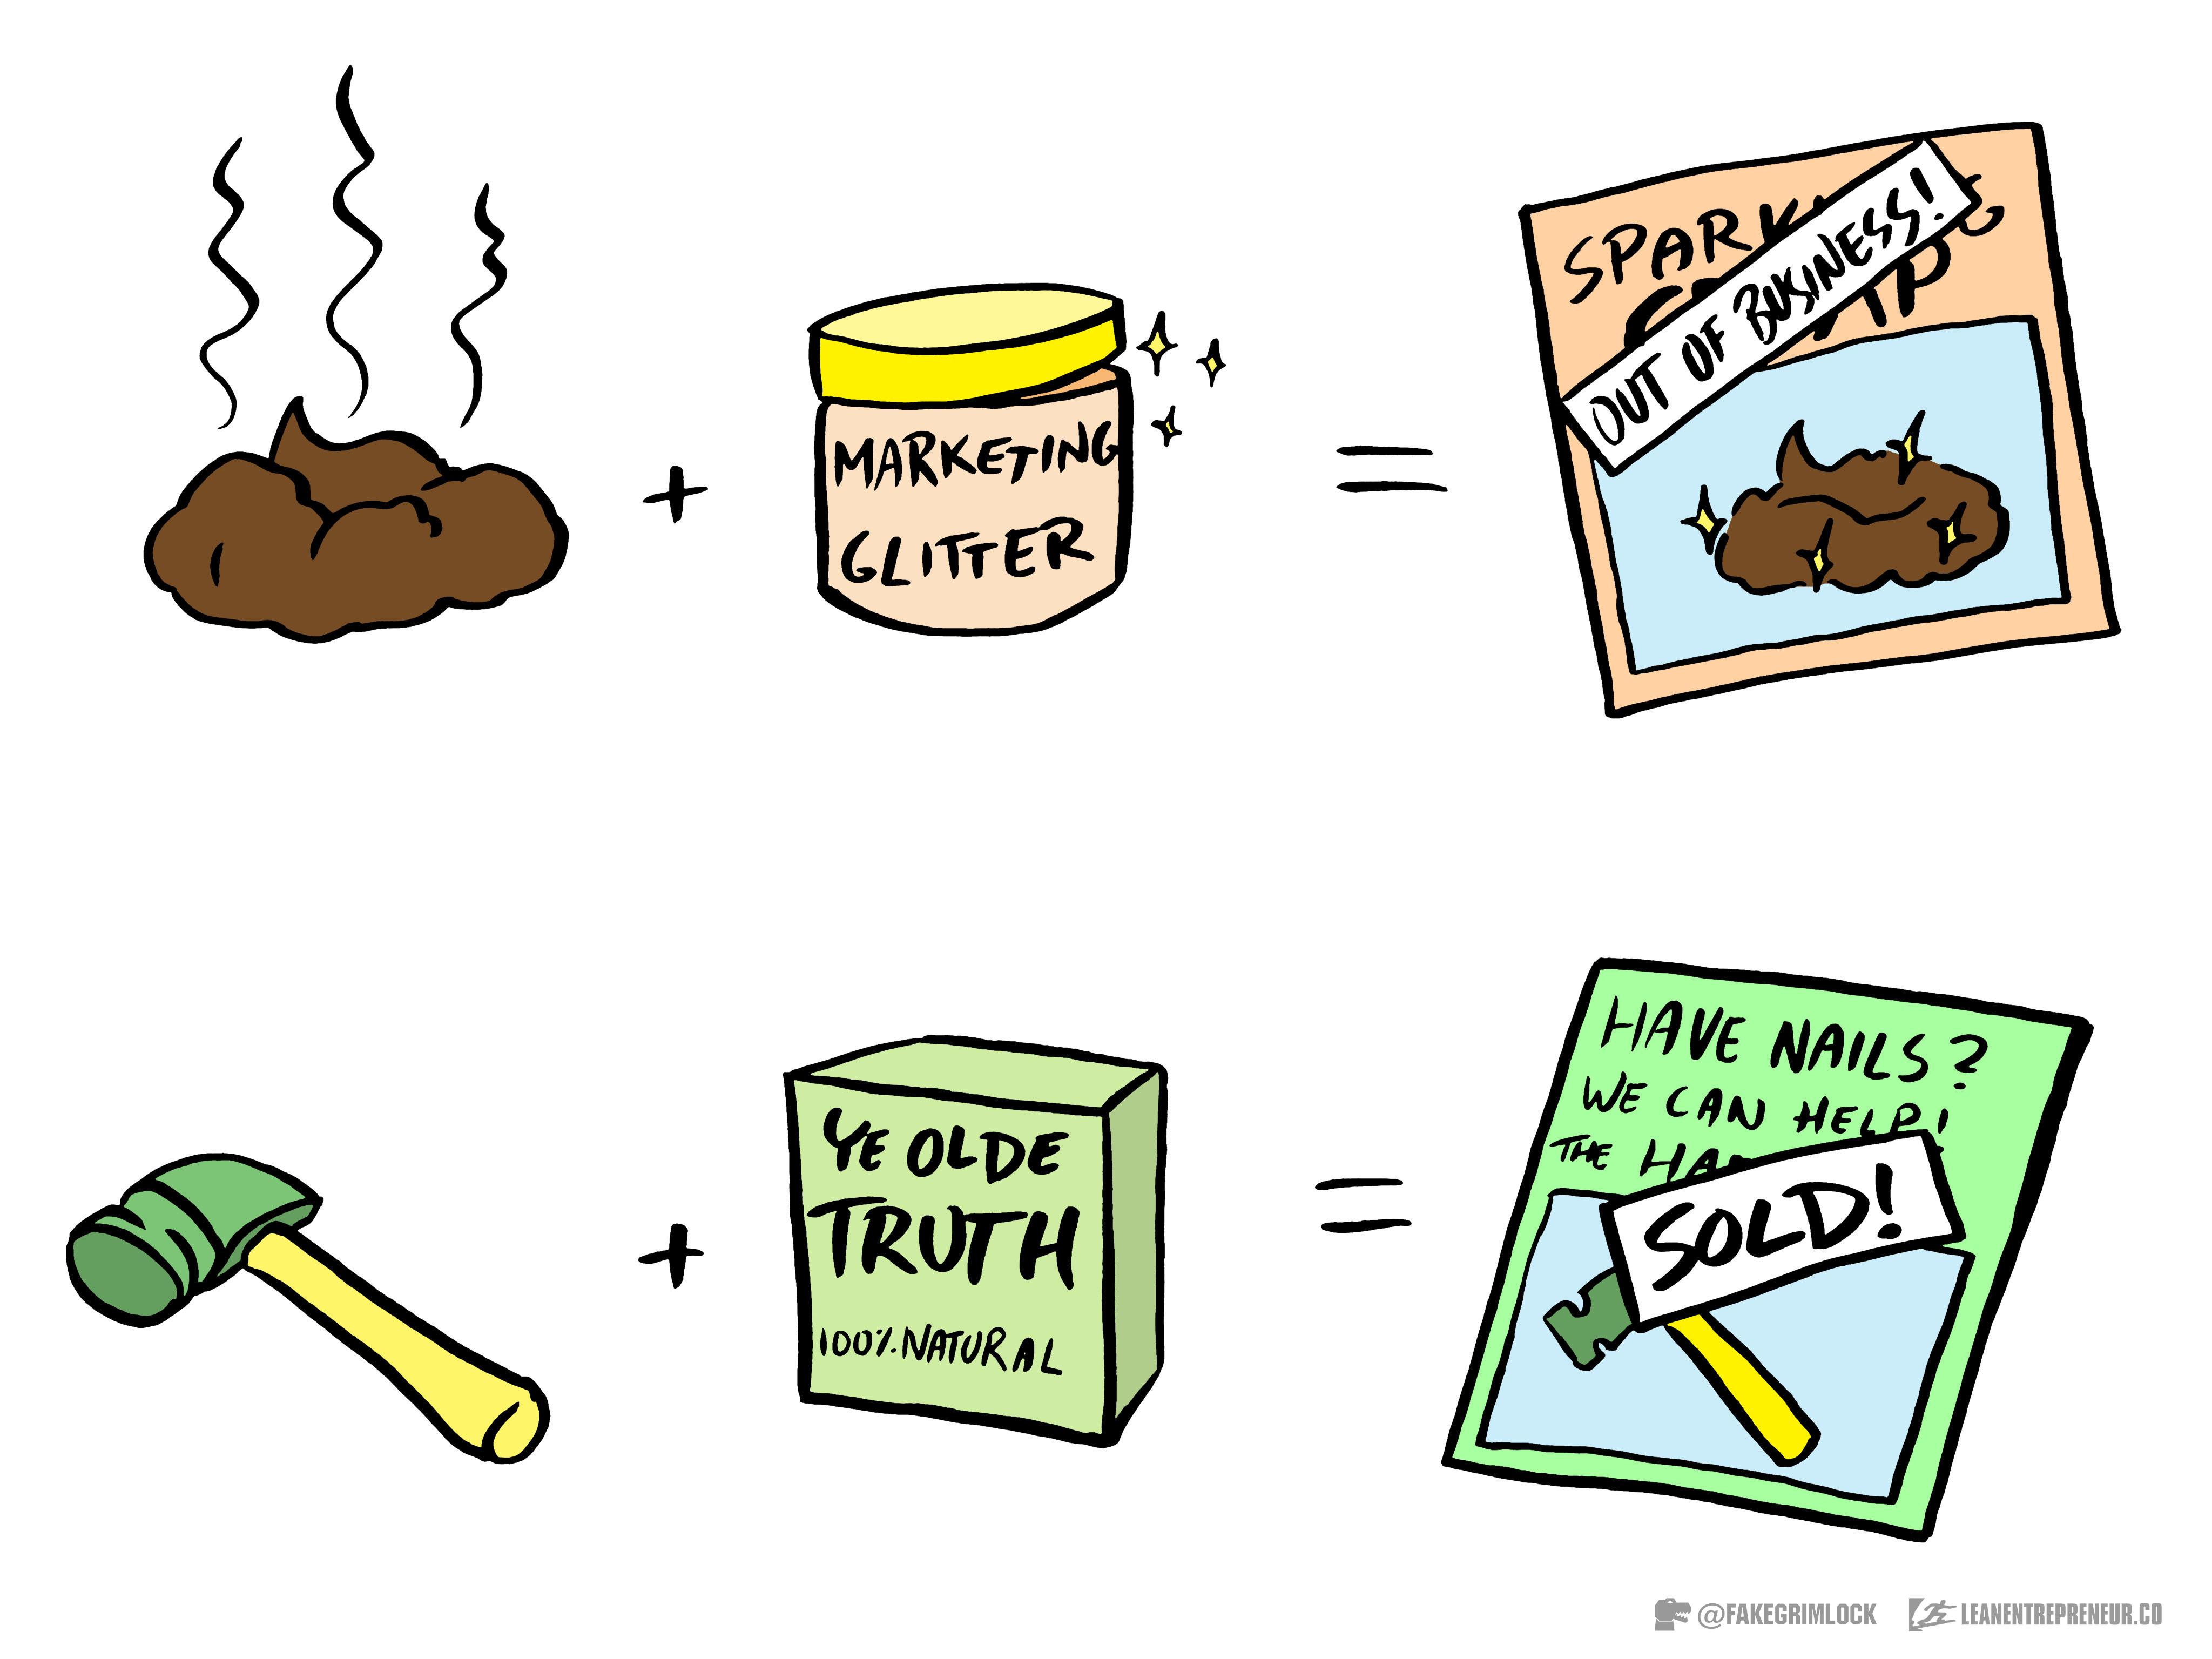 Glitter vs Truth from The LeanEntrepreneur.co